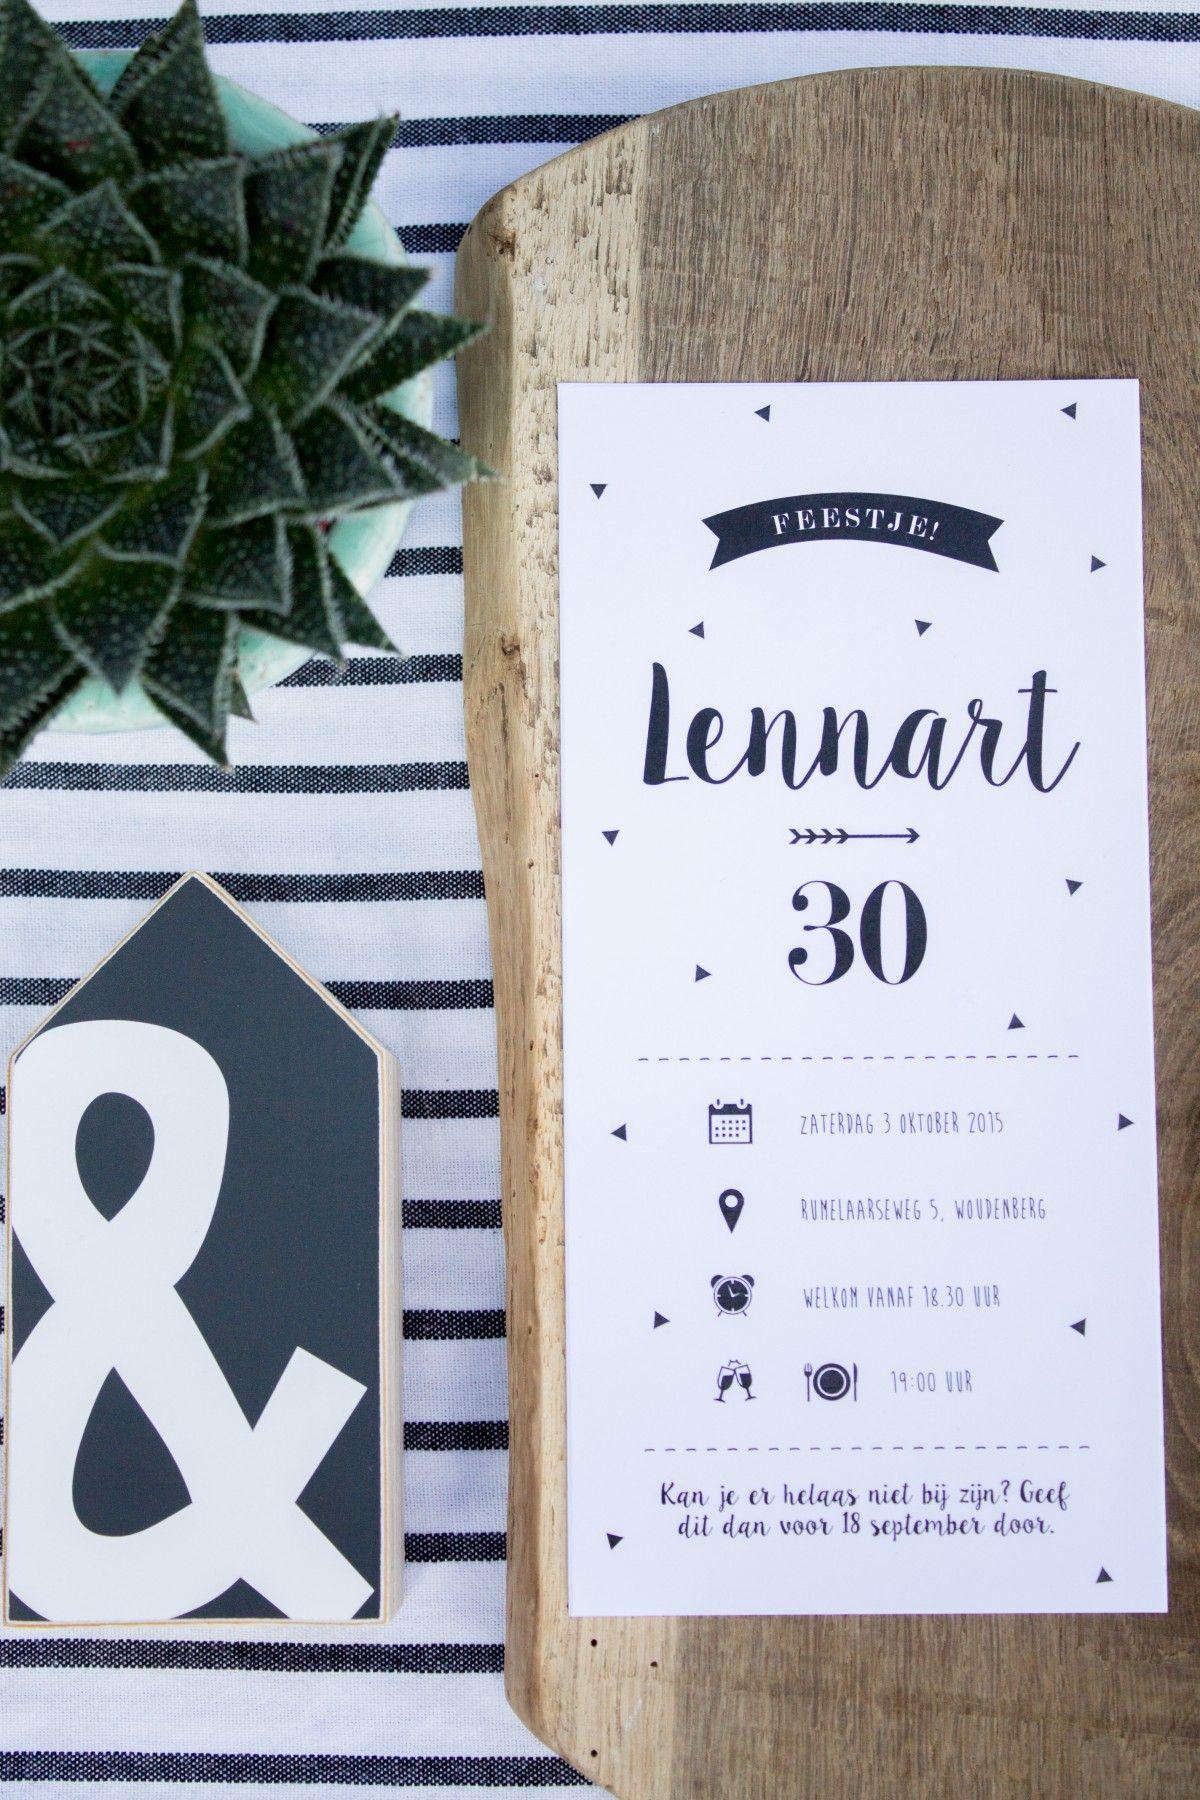 Uitnodiging Verjaardag Lennart 30 Jaar Pinterest